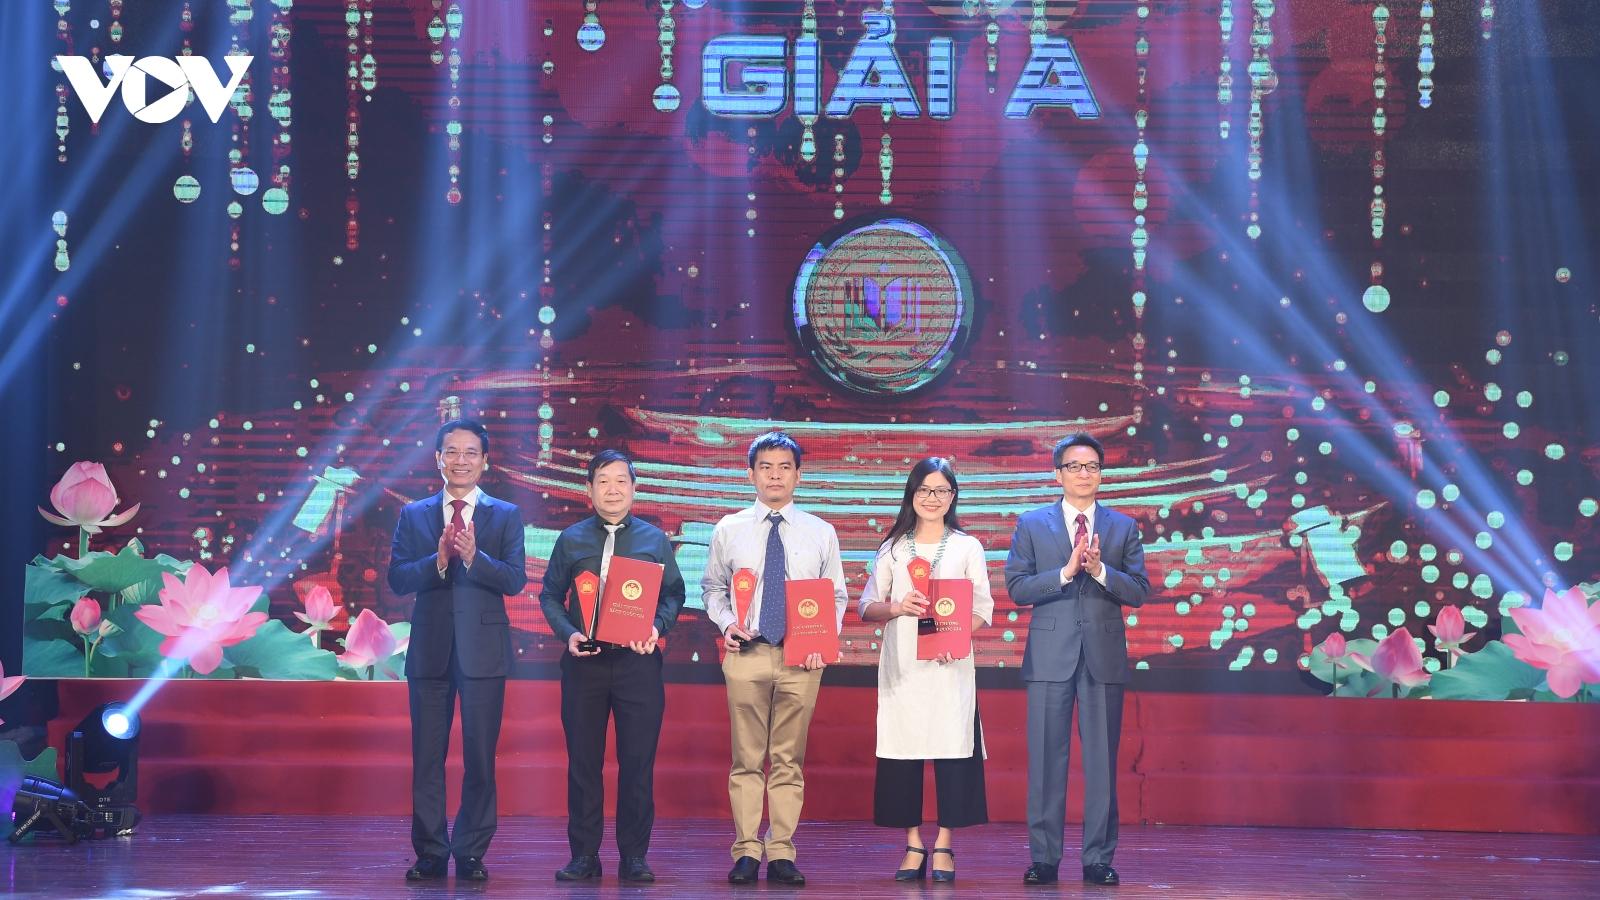 Toàn cảnh lễ trao giải thưởng Sách Quốc gia lần thứ ba - 2020